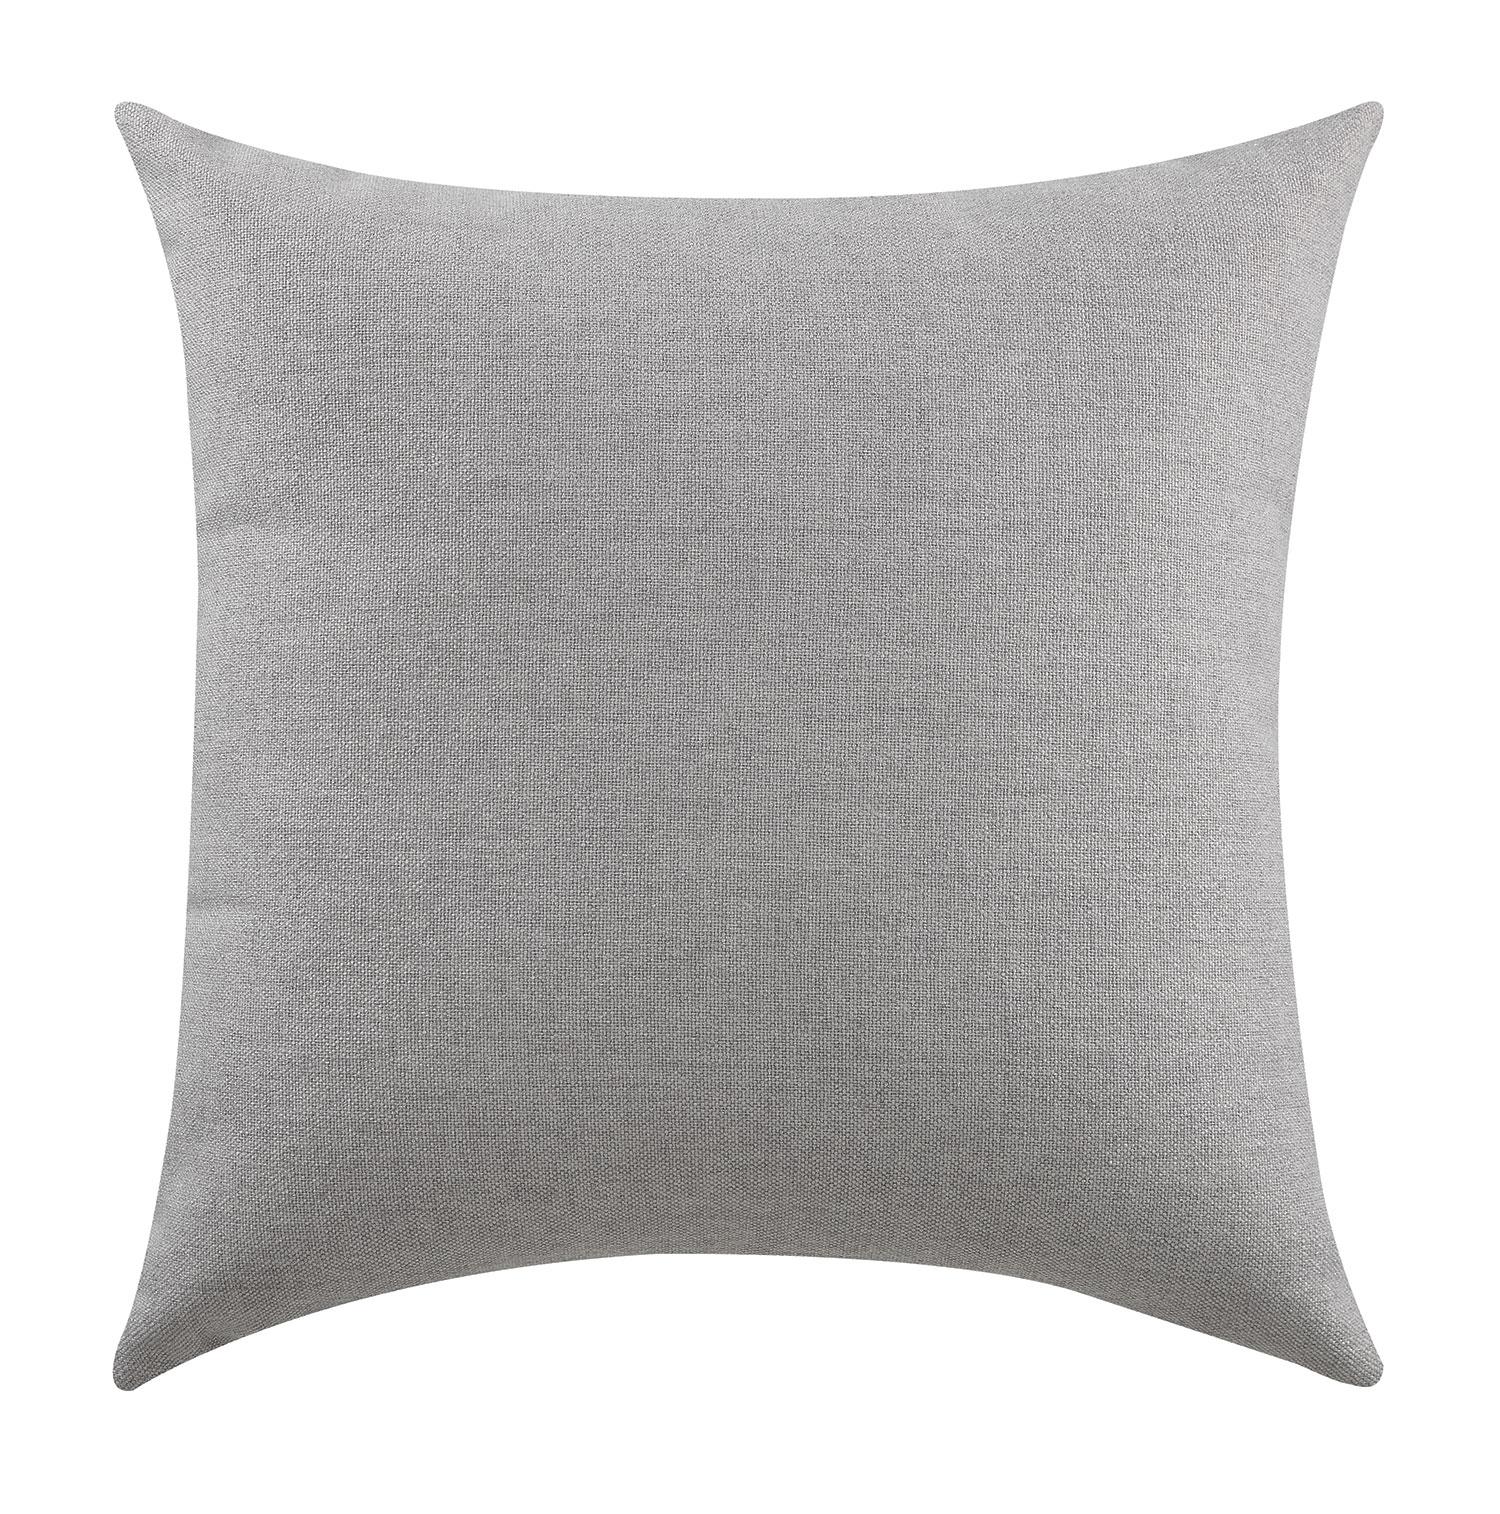 Coaster Throw Pillows Pillow - Item Number: 905108